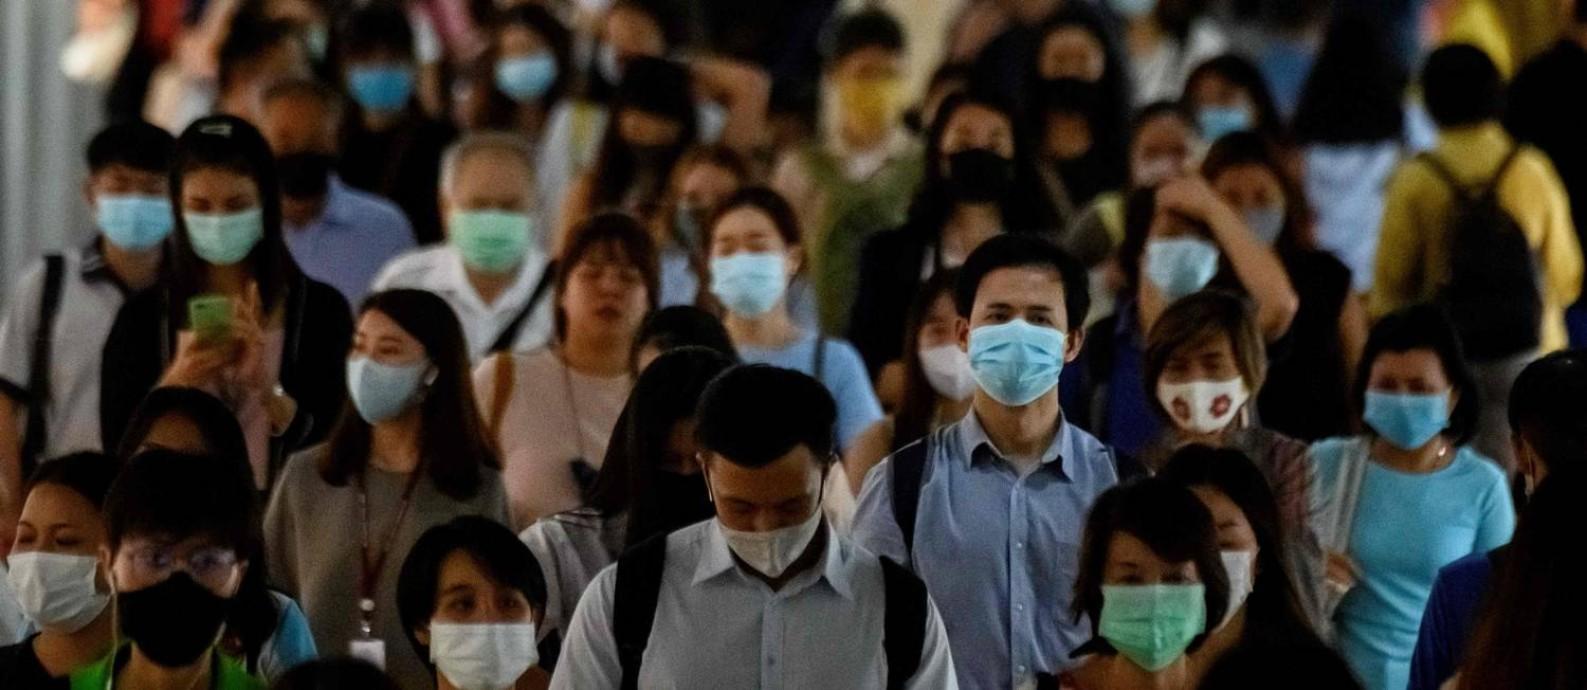 Passageiros usam máscaras em estação de trem lotada em Bangcoc, na Tailândia; possibilidade de reinfecção reforça recomendação de que pacientes curados da Covid-19 usem equipamentos de proteção e pratiquem o distanciamento social Foto: MLADEN ANTONOV / AFP